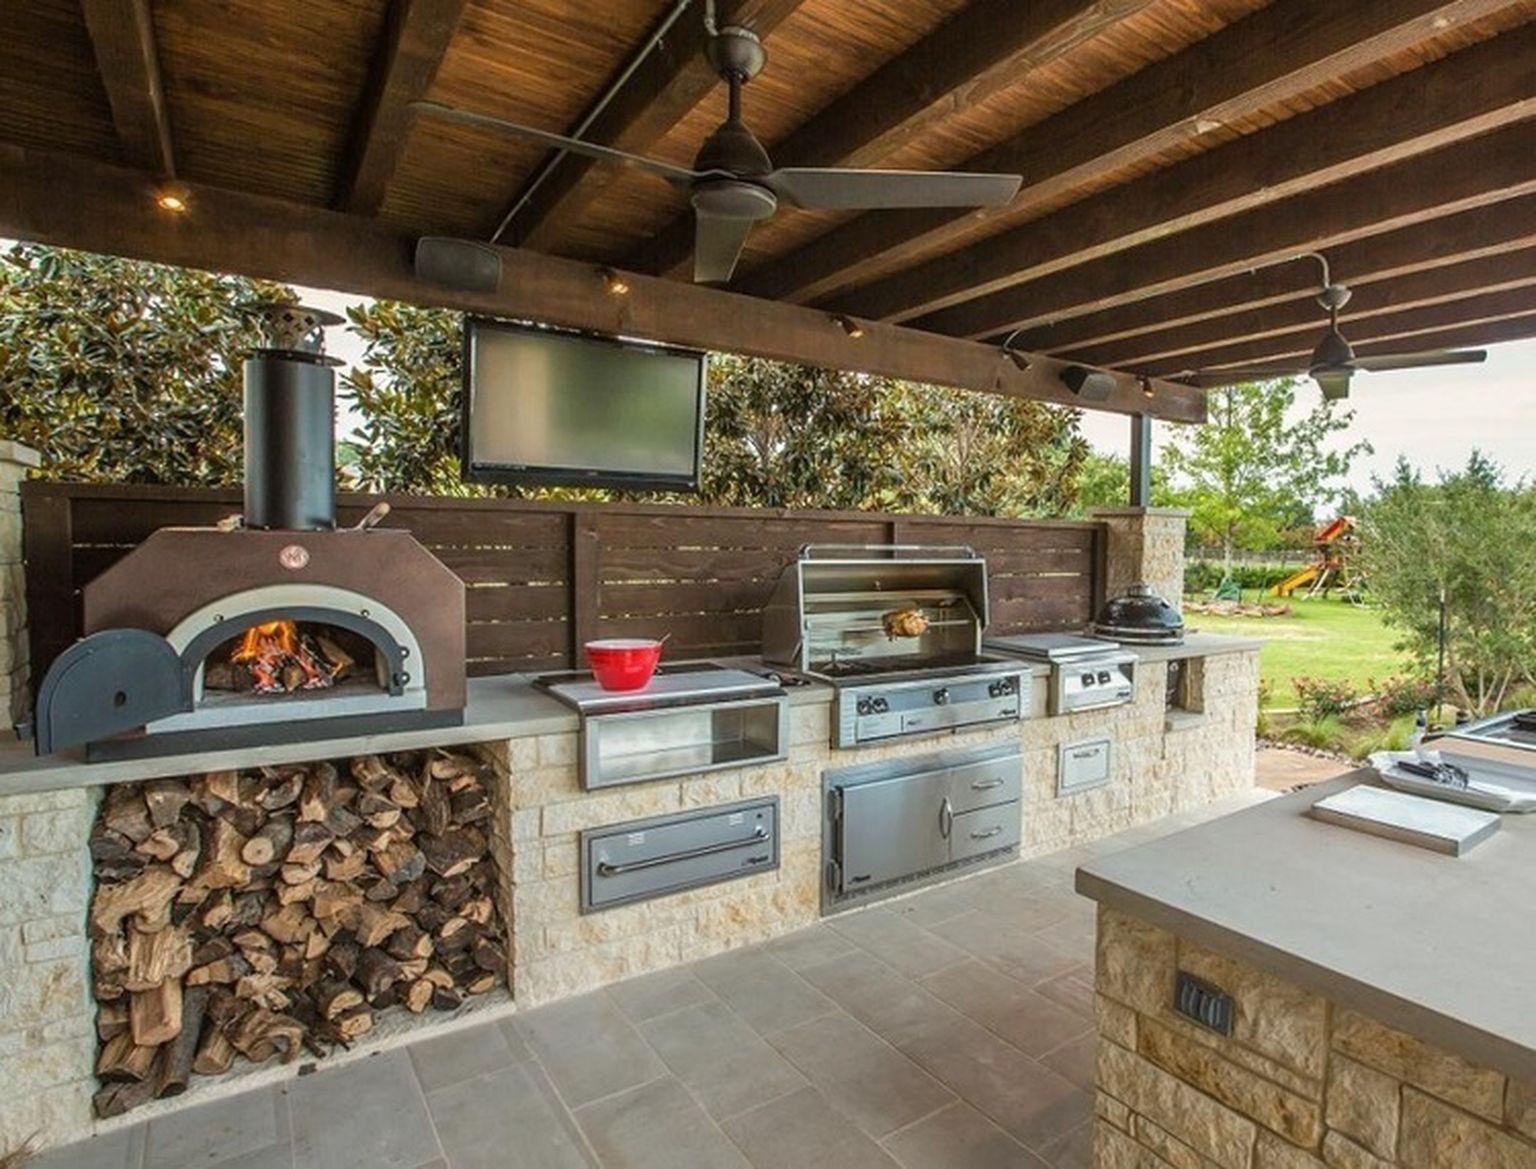 https images food52 com 48usxdpolnxjcnkgaczhkwikiye 1536x1169 7dfa79aa 8318 4bdb bcf4 034 in on outdoor kitchen diy id=72349